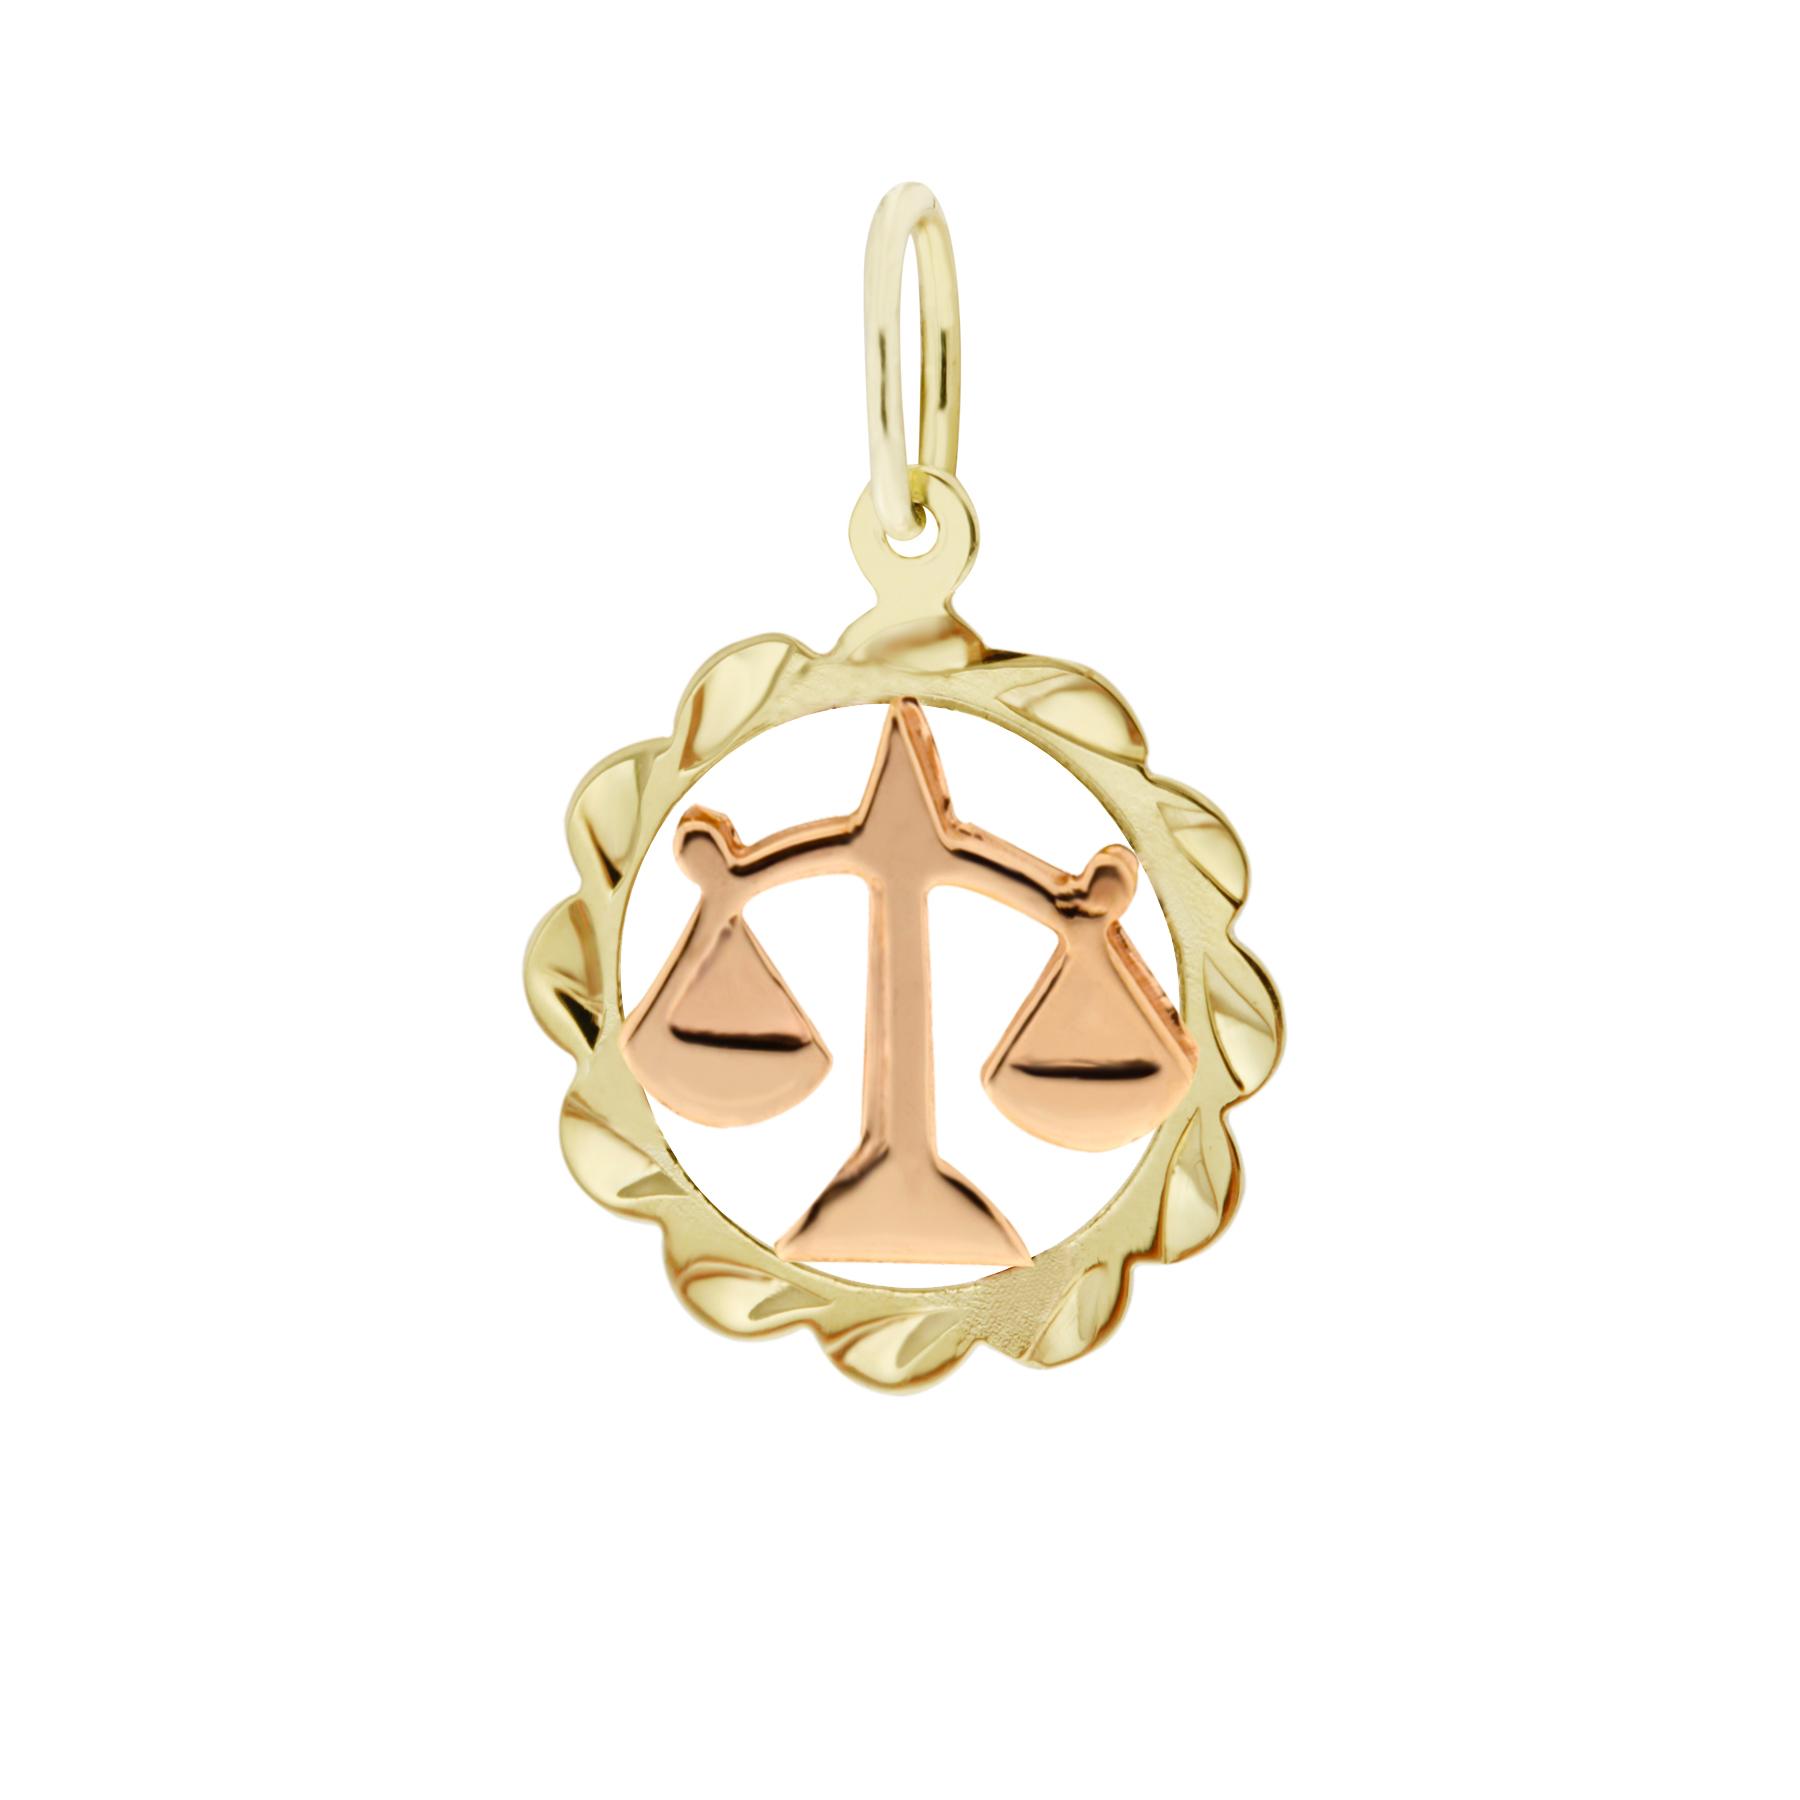 Zlatý přívěsek - znamení zvěrokruhu Váhy Tvar: Kytička, rytý rámeček